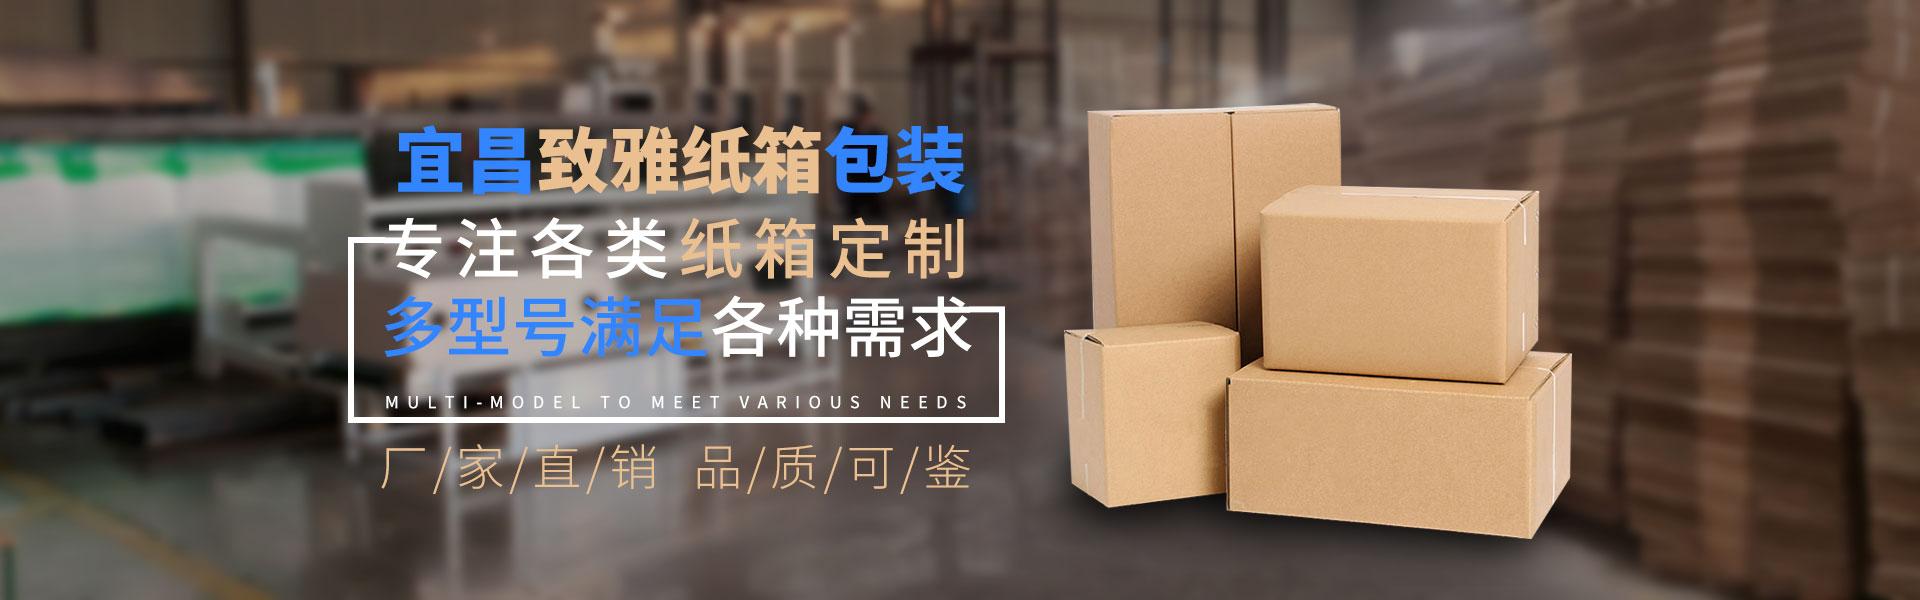 宜昌瓦楞纸盒厂家